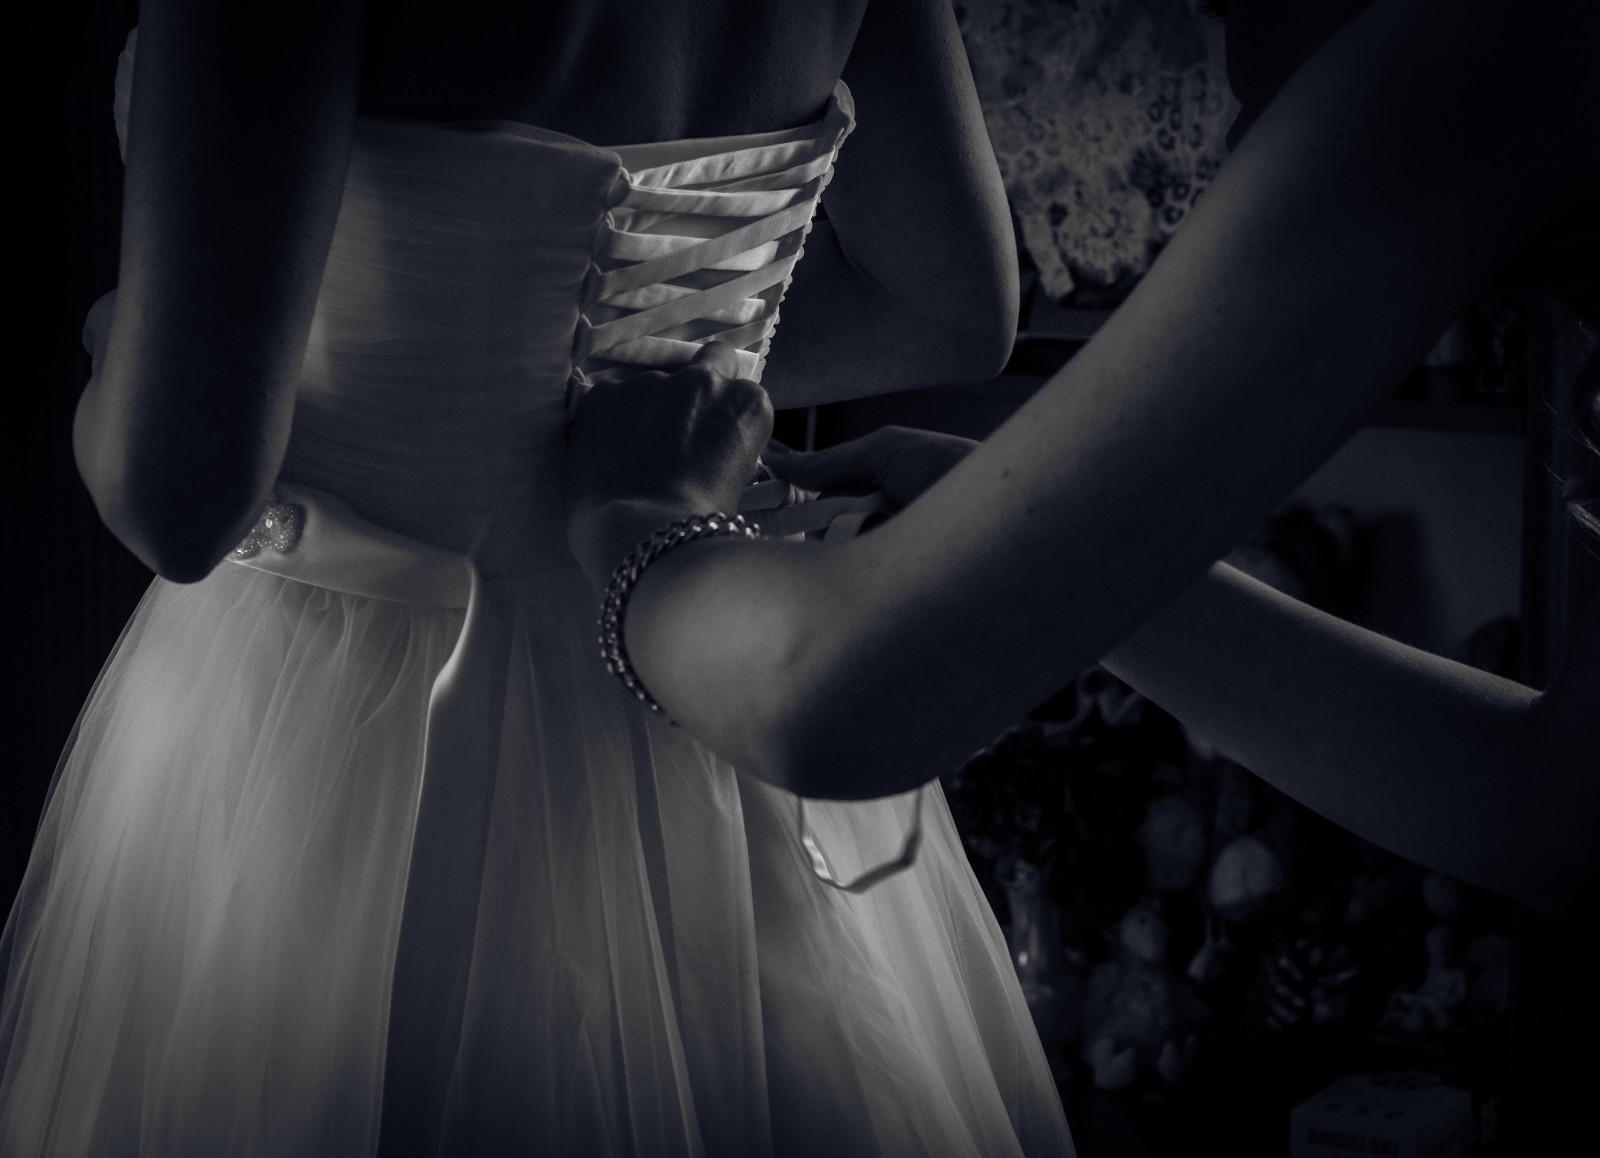 przygotowania do ślubu - fotoreportaż ślubny